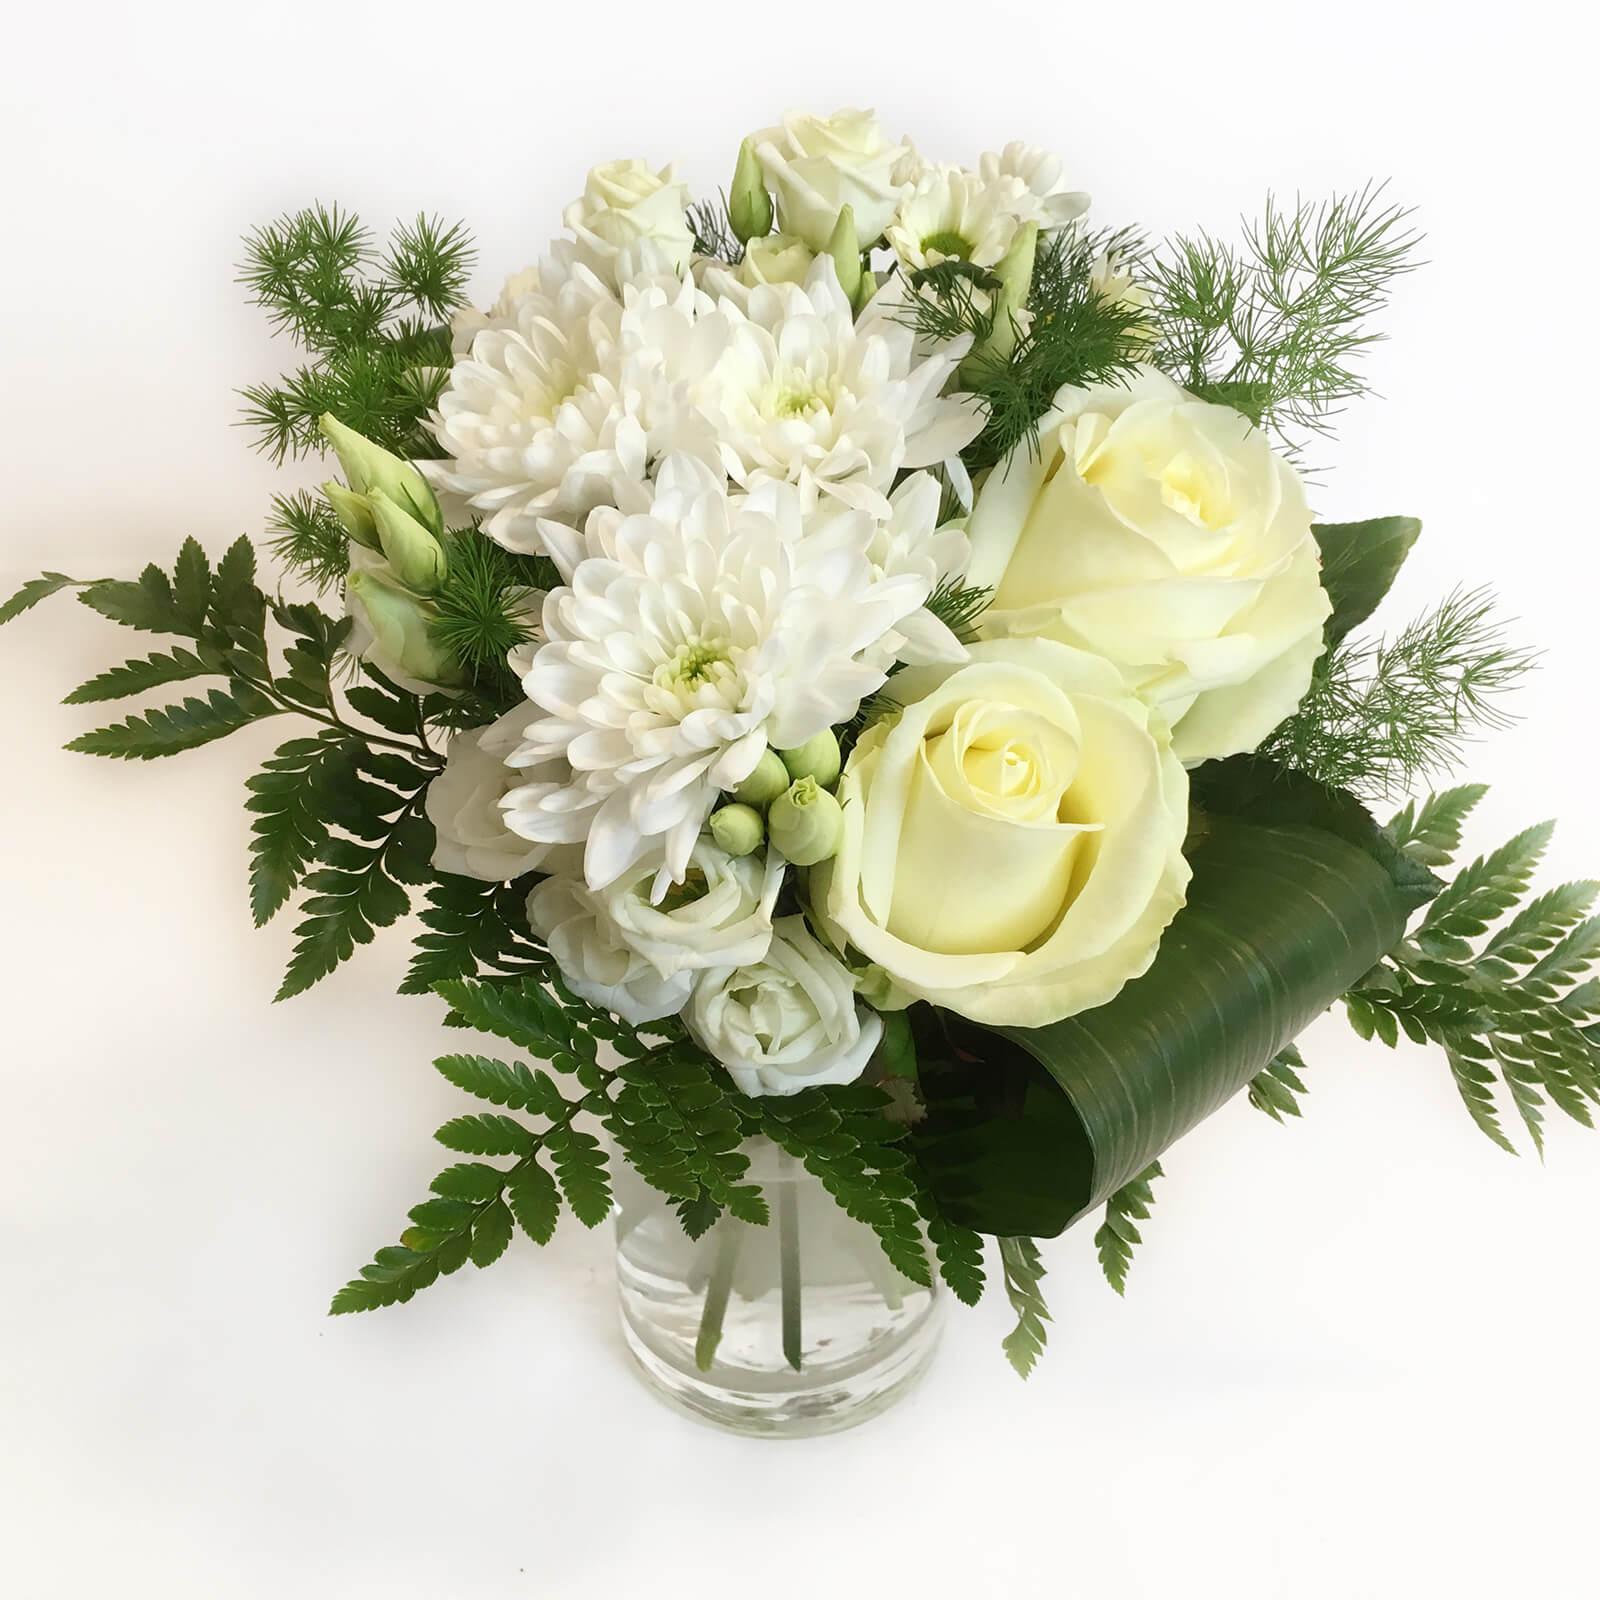 Gör någon glad! Skicka blommor. Till exempel en kompakt bukett i vitt. Vi levererar blommor till Hunnebostrand, Kungshamn, Väjern, Smögen, Bovallstrand och Hovenäset.